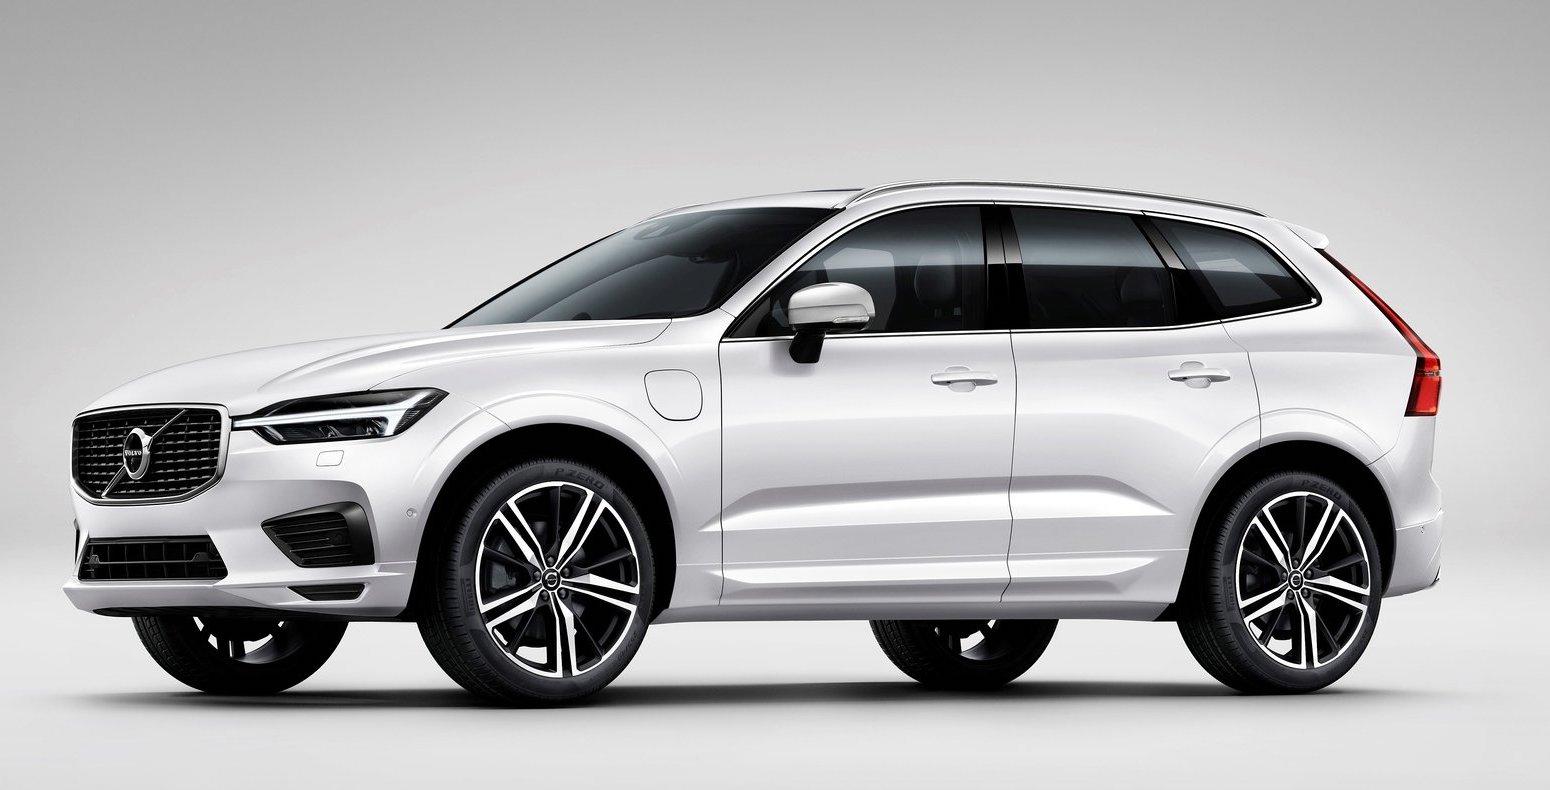 Volvos laddhybridsuvar har gynnats av den höjda gränsen för bonusbilar.